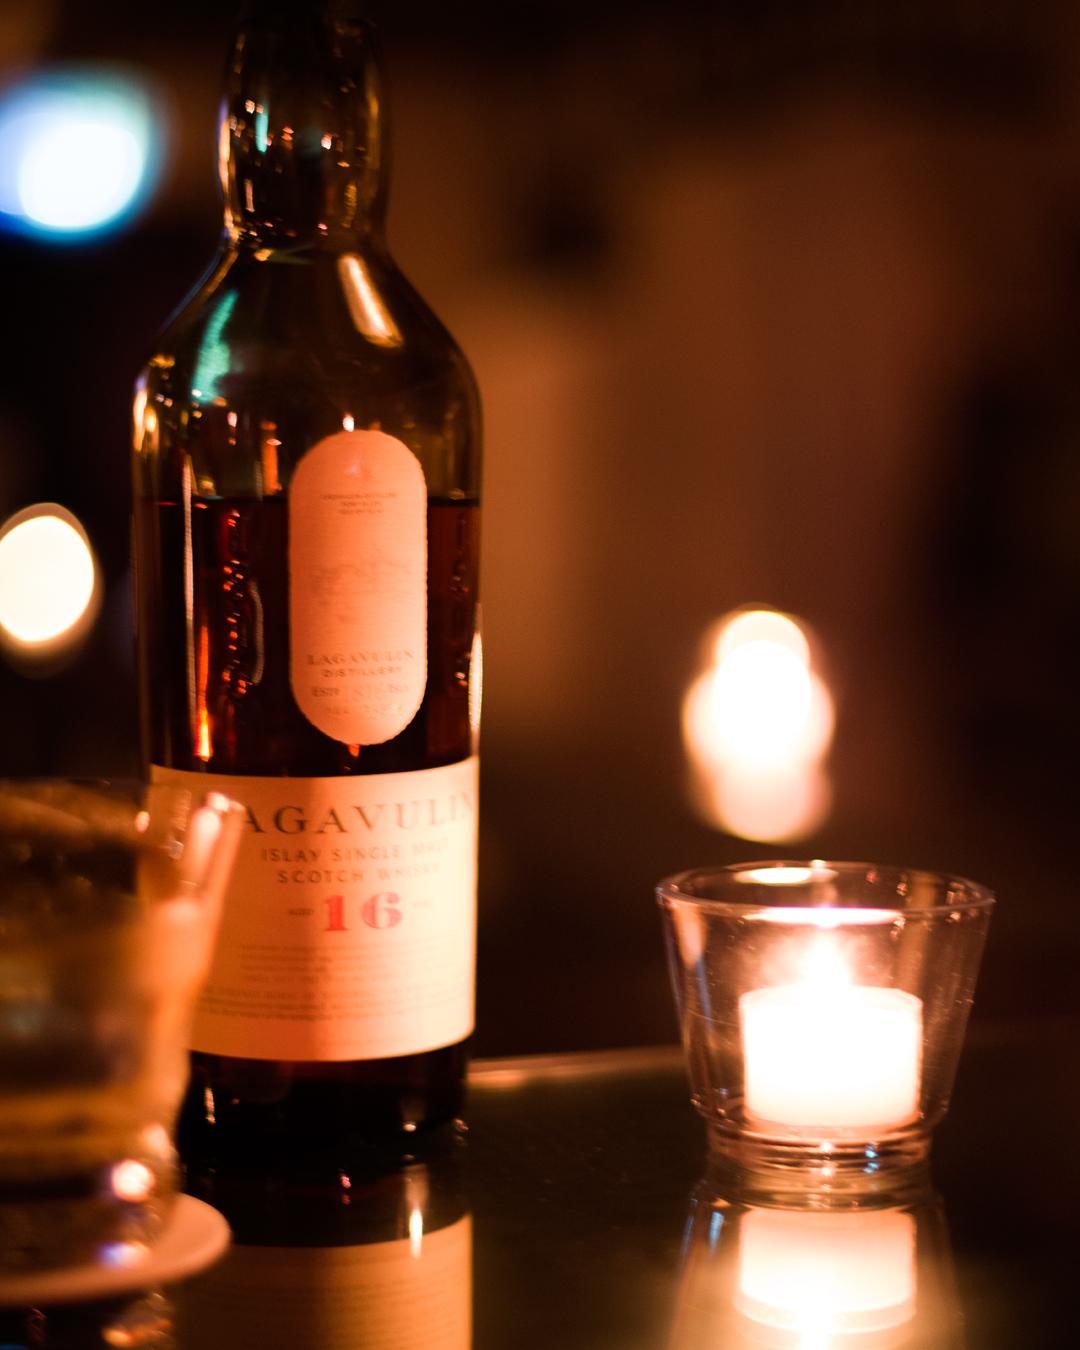 ラガブーリン ウイスキー